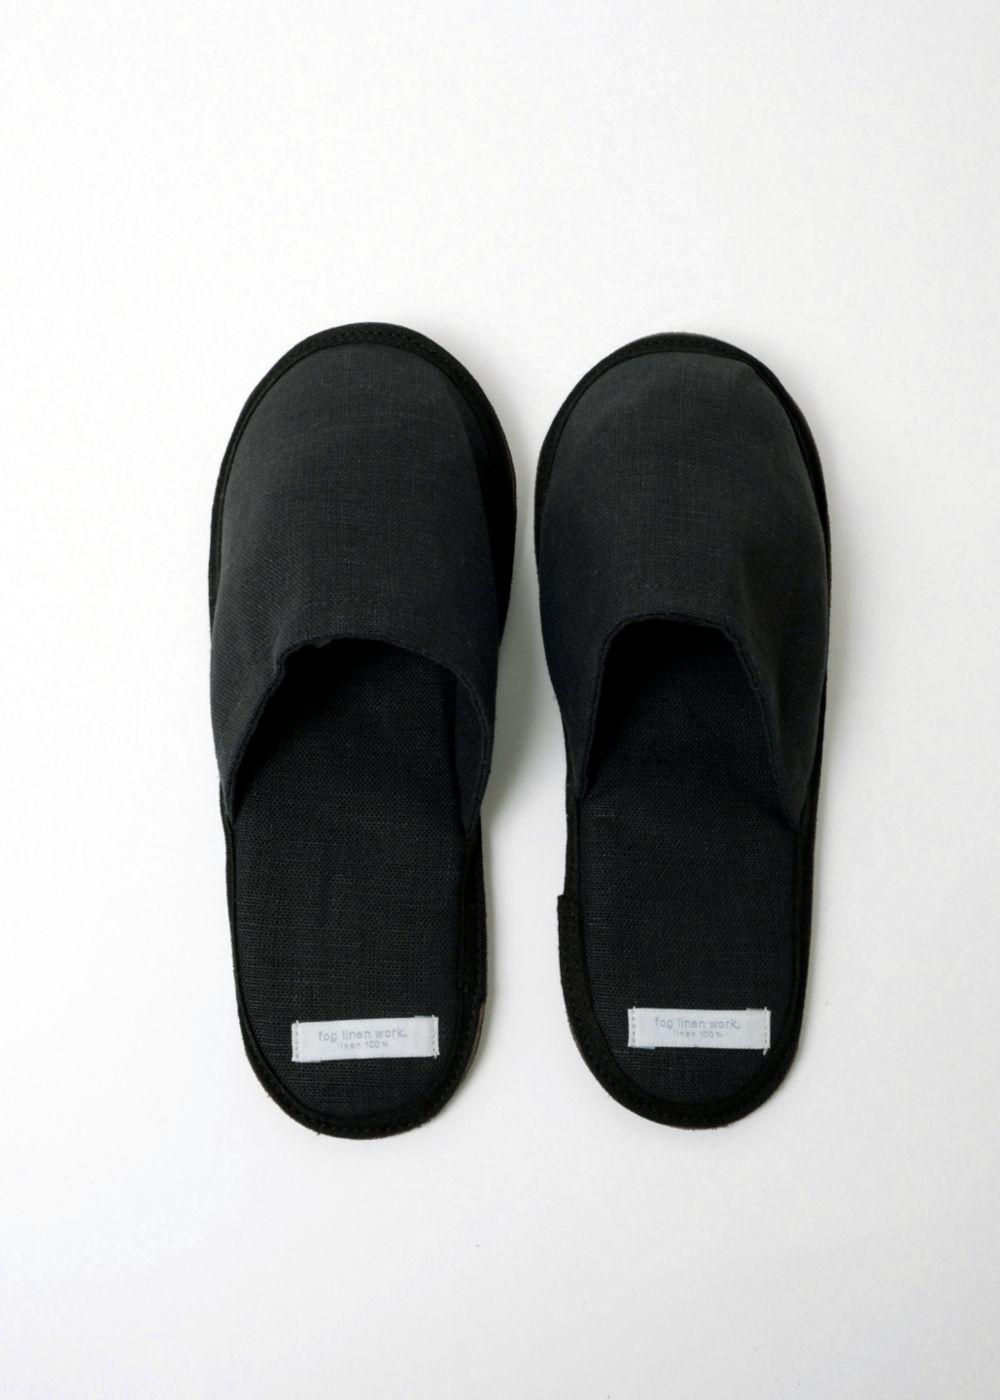 foglinenwork-linen-slippers-graphite-large1